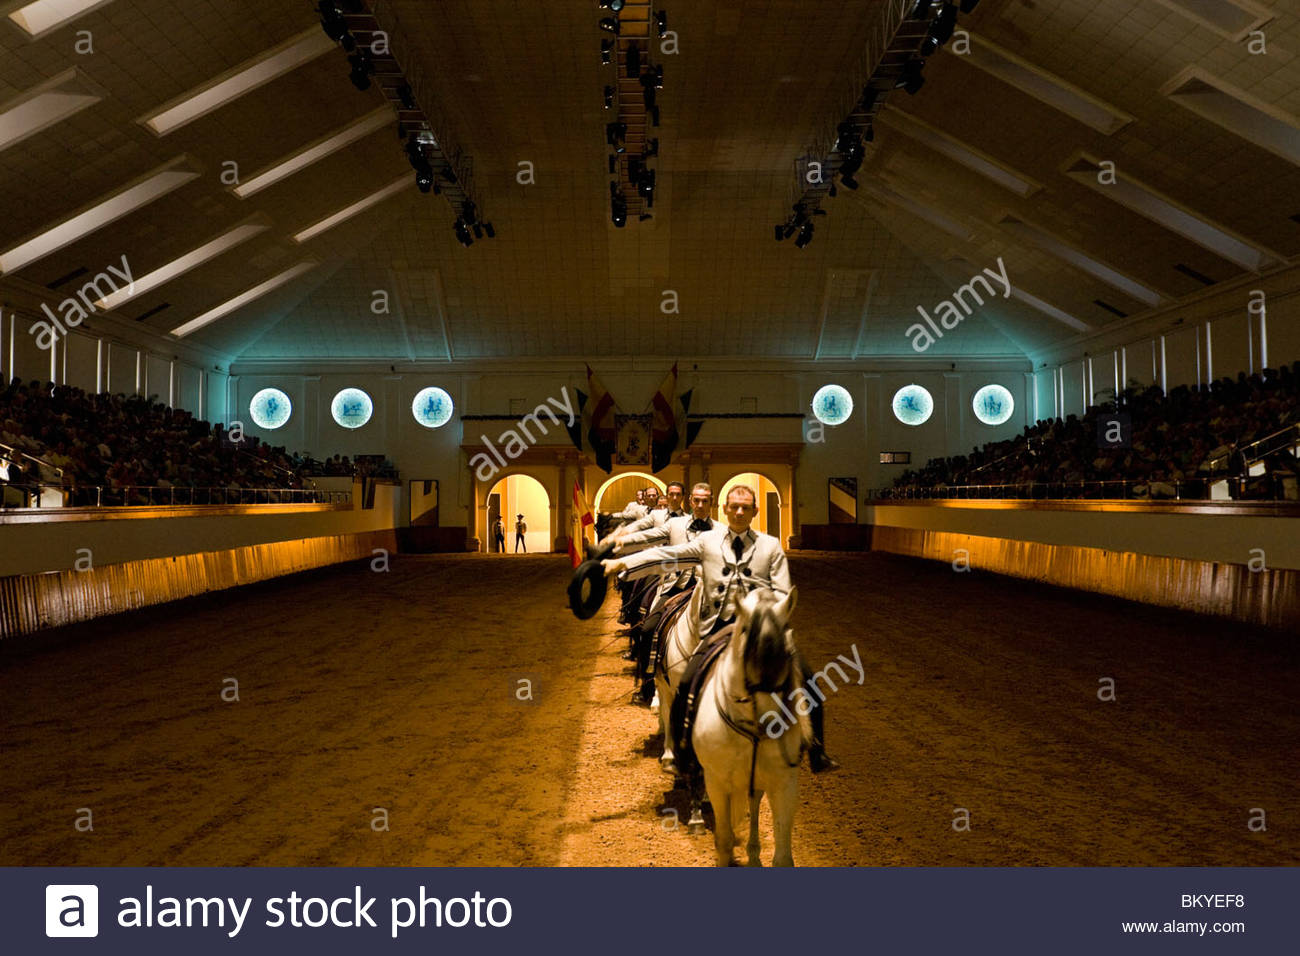 Royal la scuola di equitazione spagnola di Jerez de la Frontera, Andalusia, Provincia di Cadice, Spagna Immagini Stock